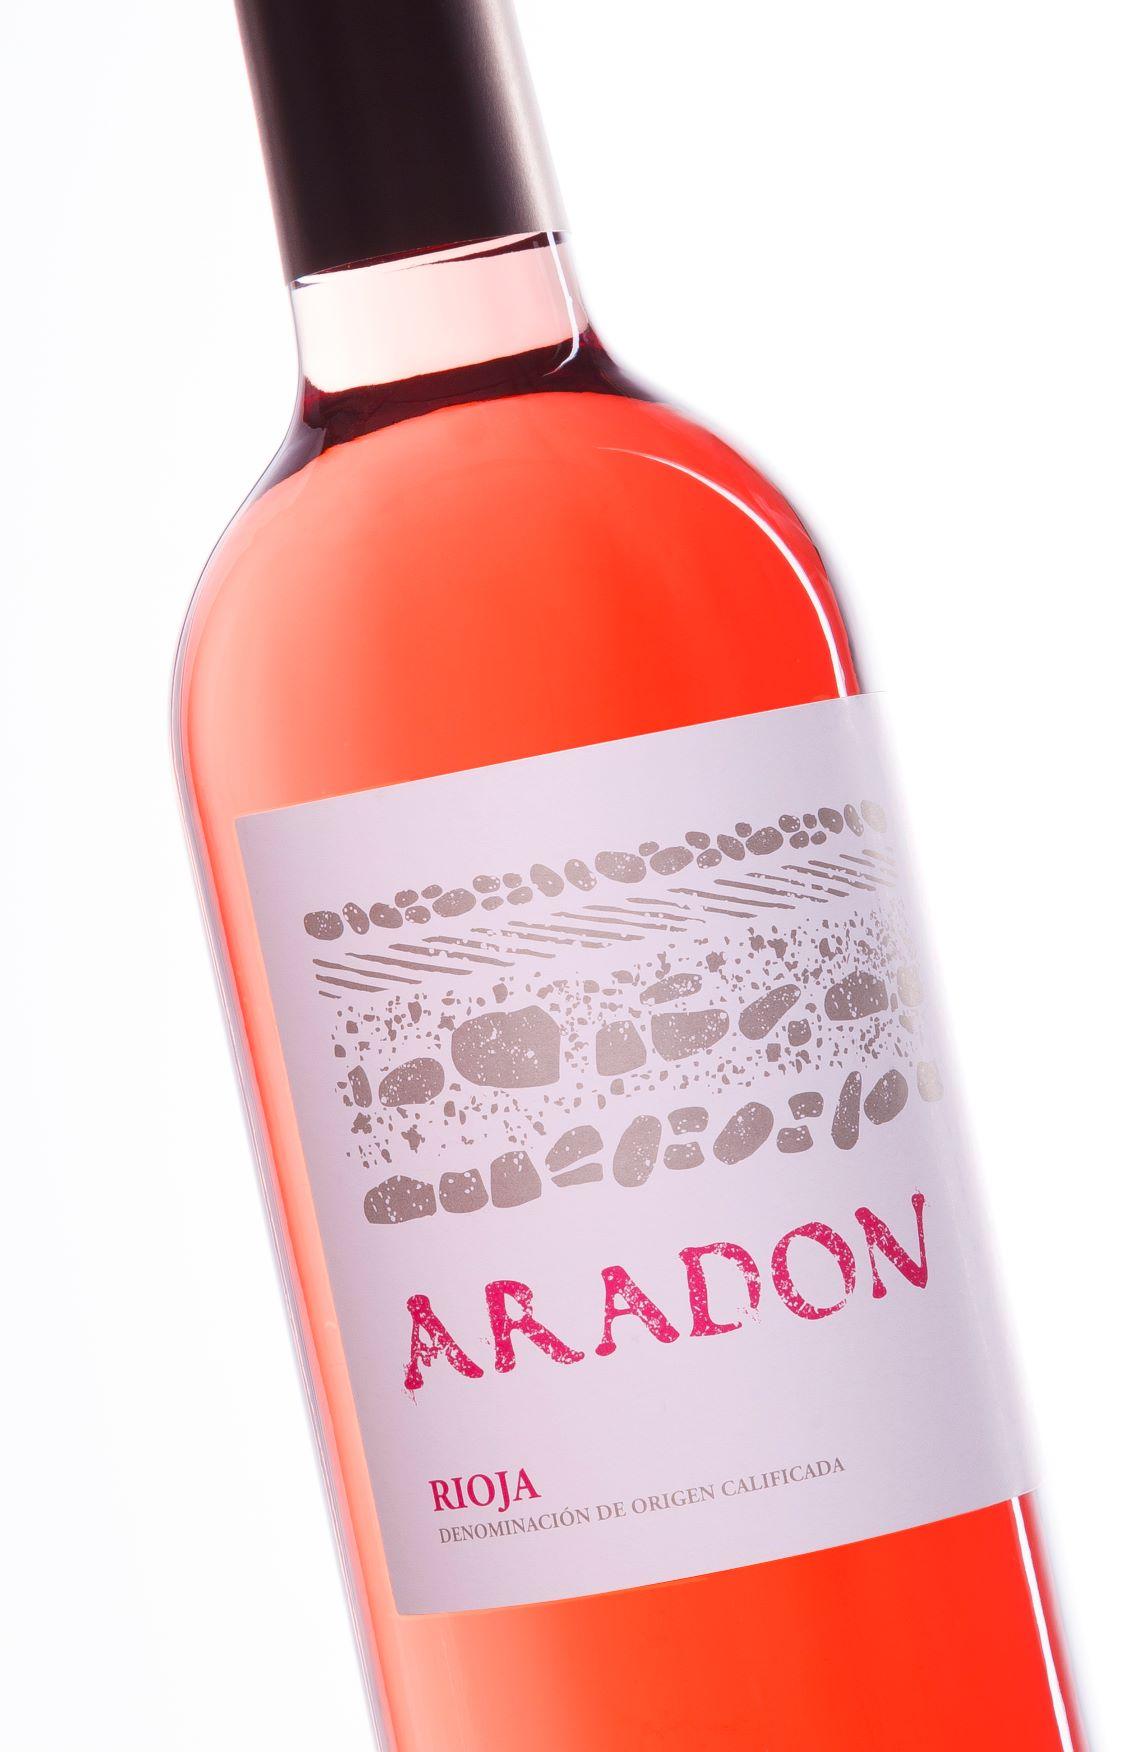 Aradon Rosado